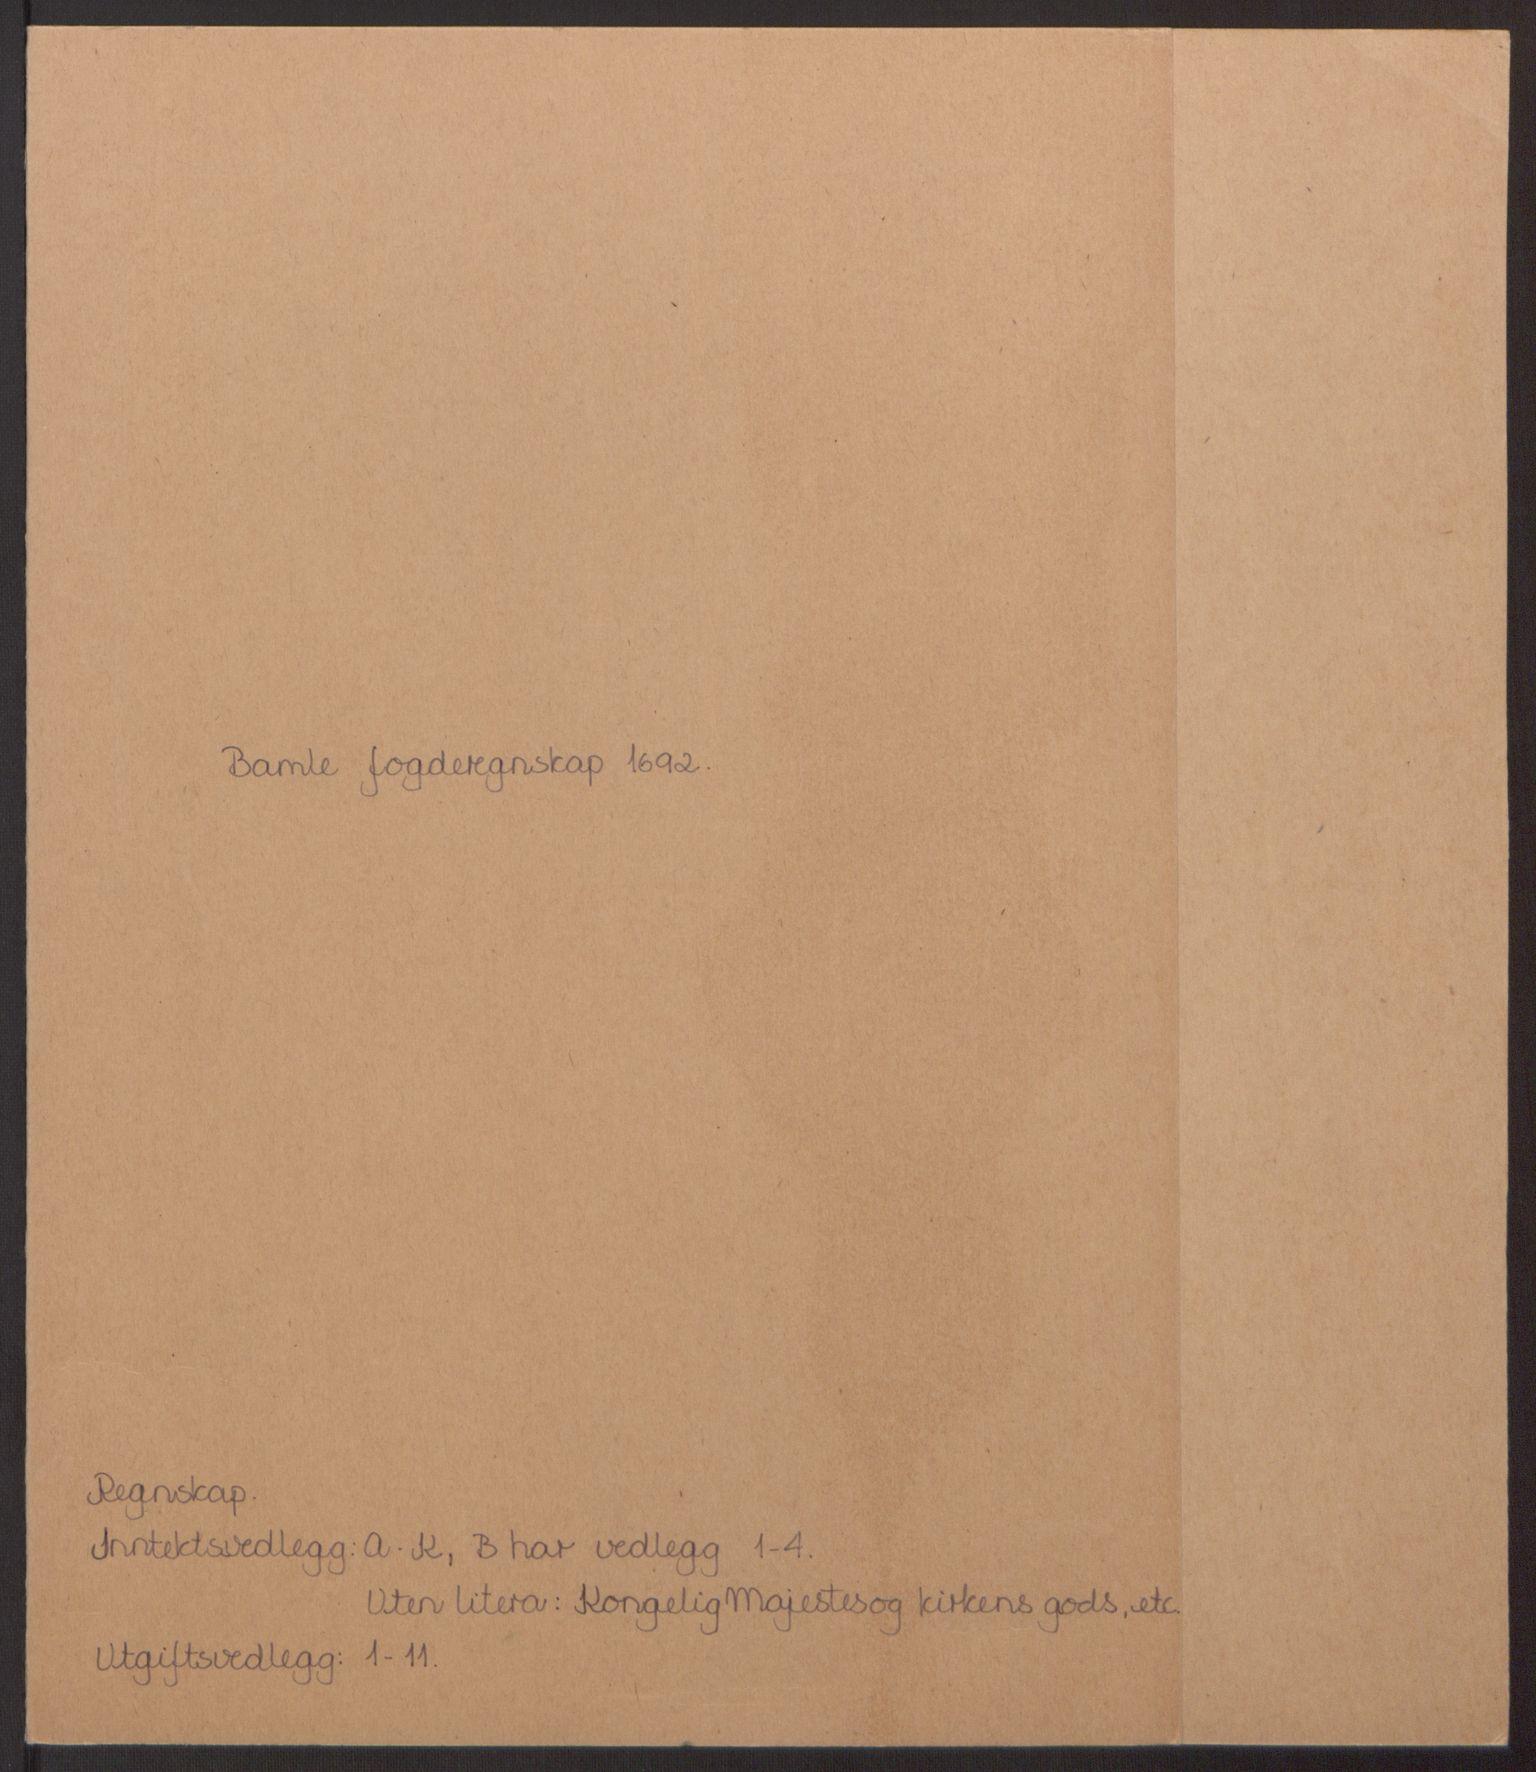 RA, Rentekammeret inntil 1814, Reviderte regnskaper, Fogderegnskap, R34/L2052: Fogderegnskap Bamble, 1692-1693, s. 2